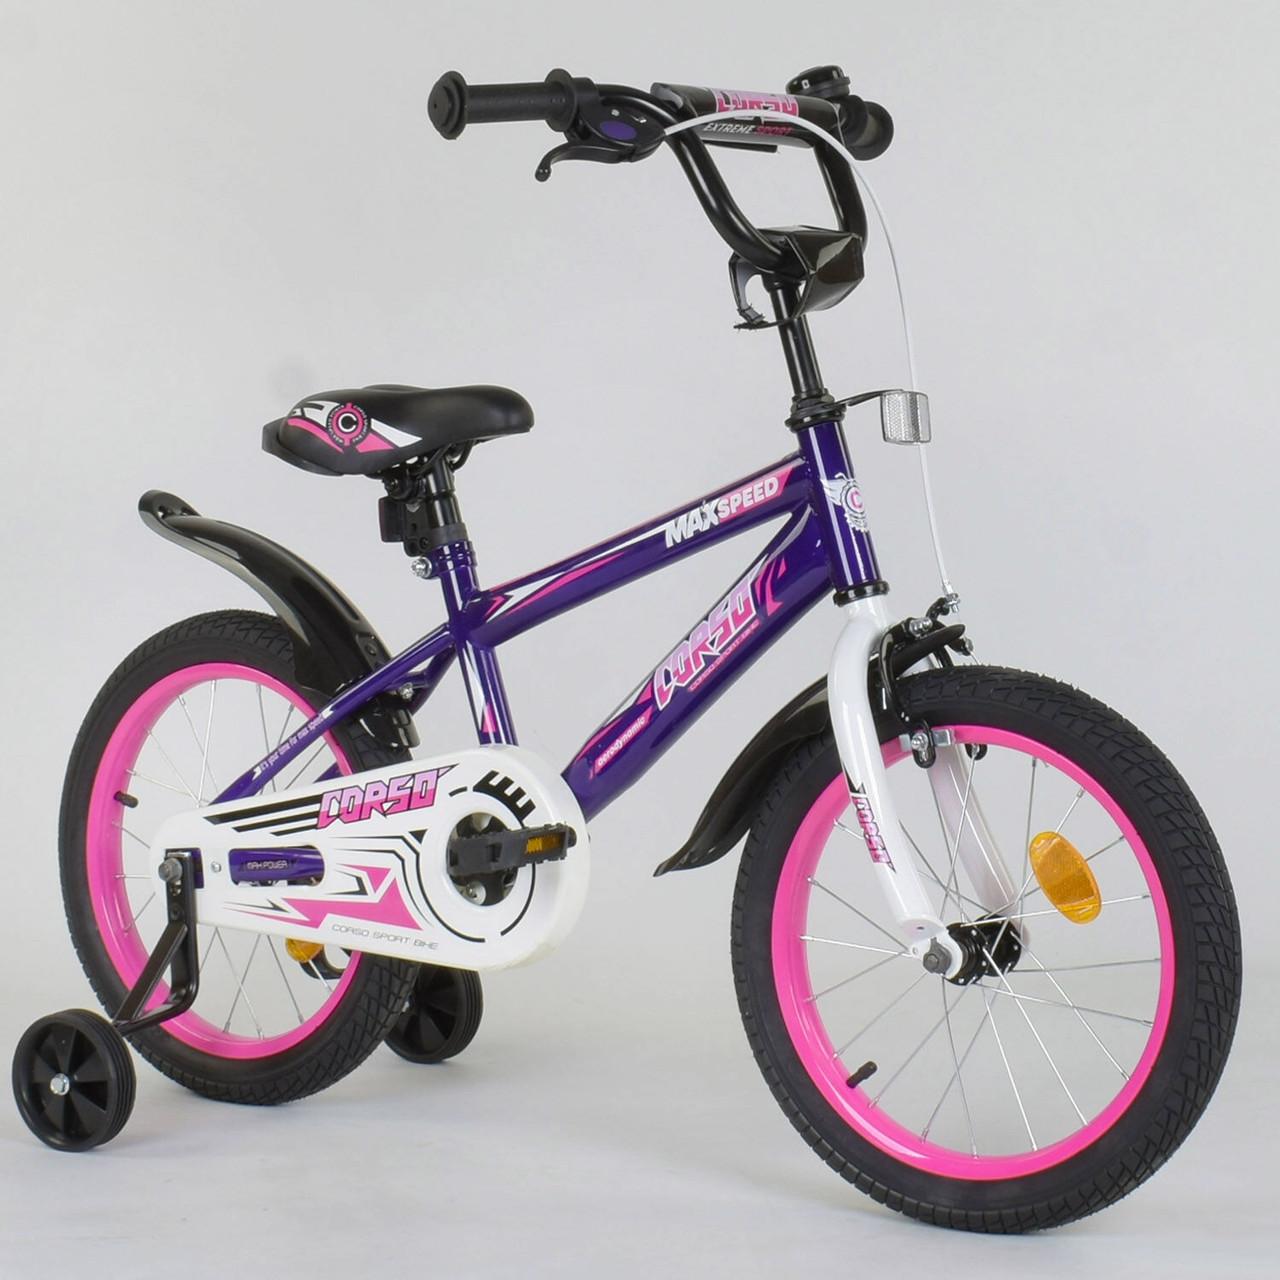 """Детский двухколесный велосипед 16"""" Corso ЕХ-16 N 4282 Фиолетовый, стальная рама, ручной тормоз"""